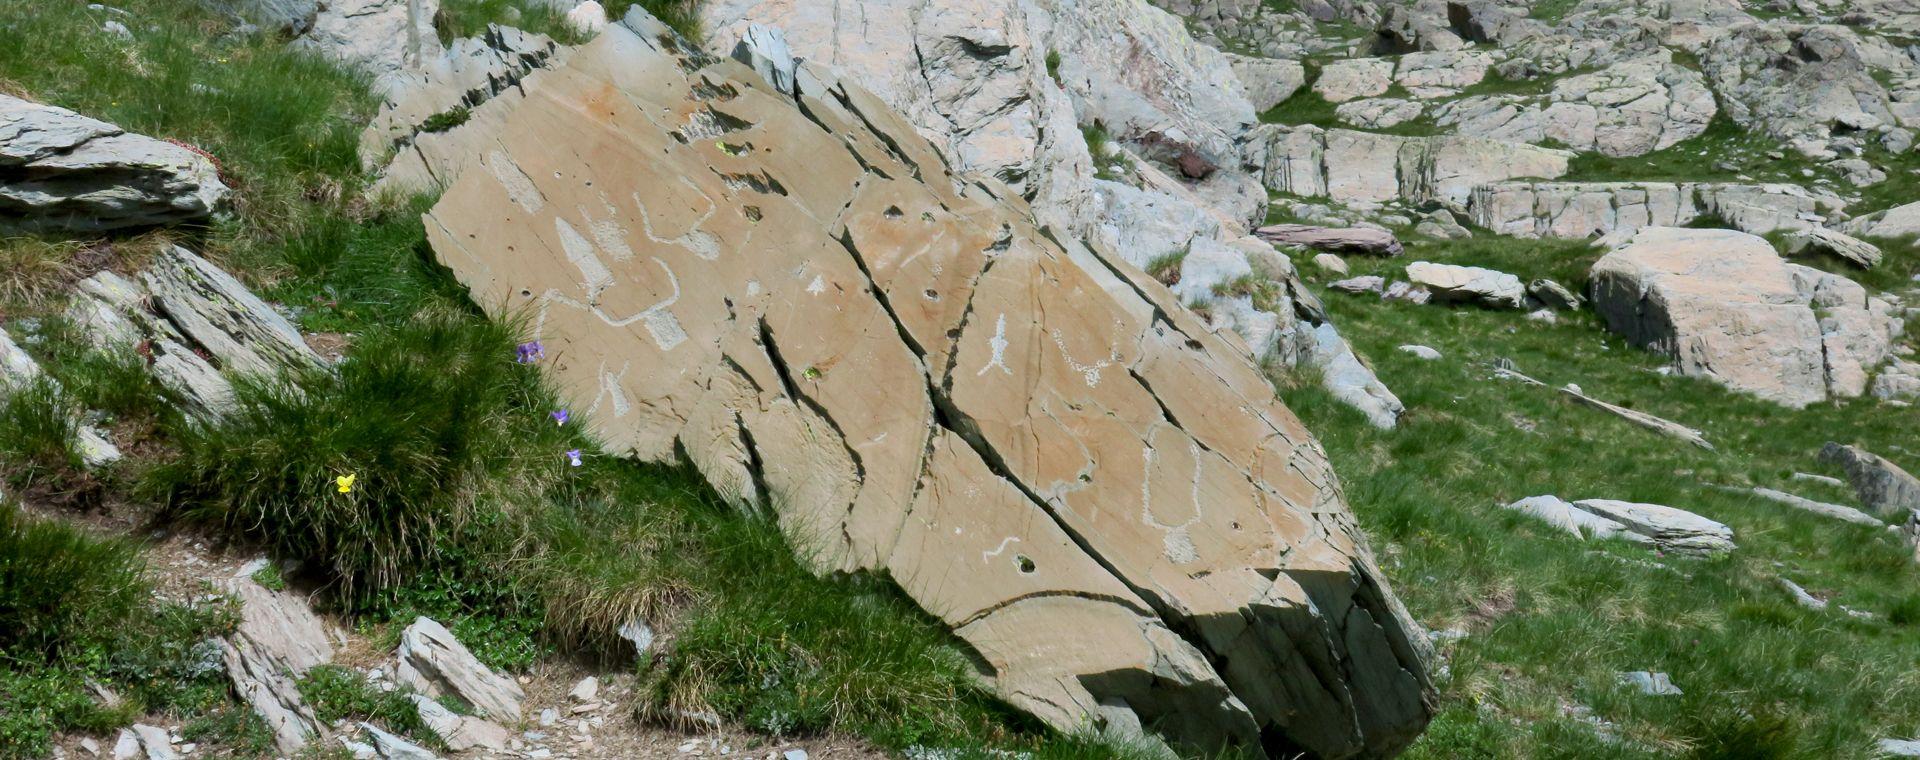 Image Grande traversée des Alpes, de Briançon à Menton